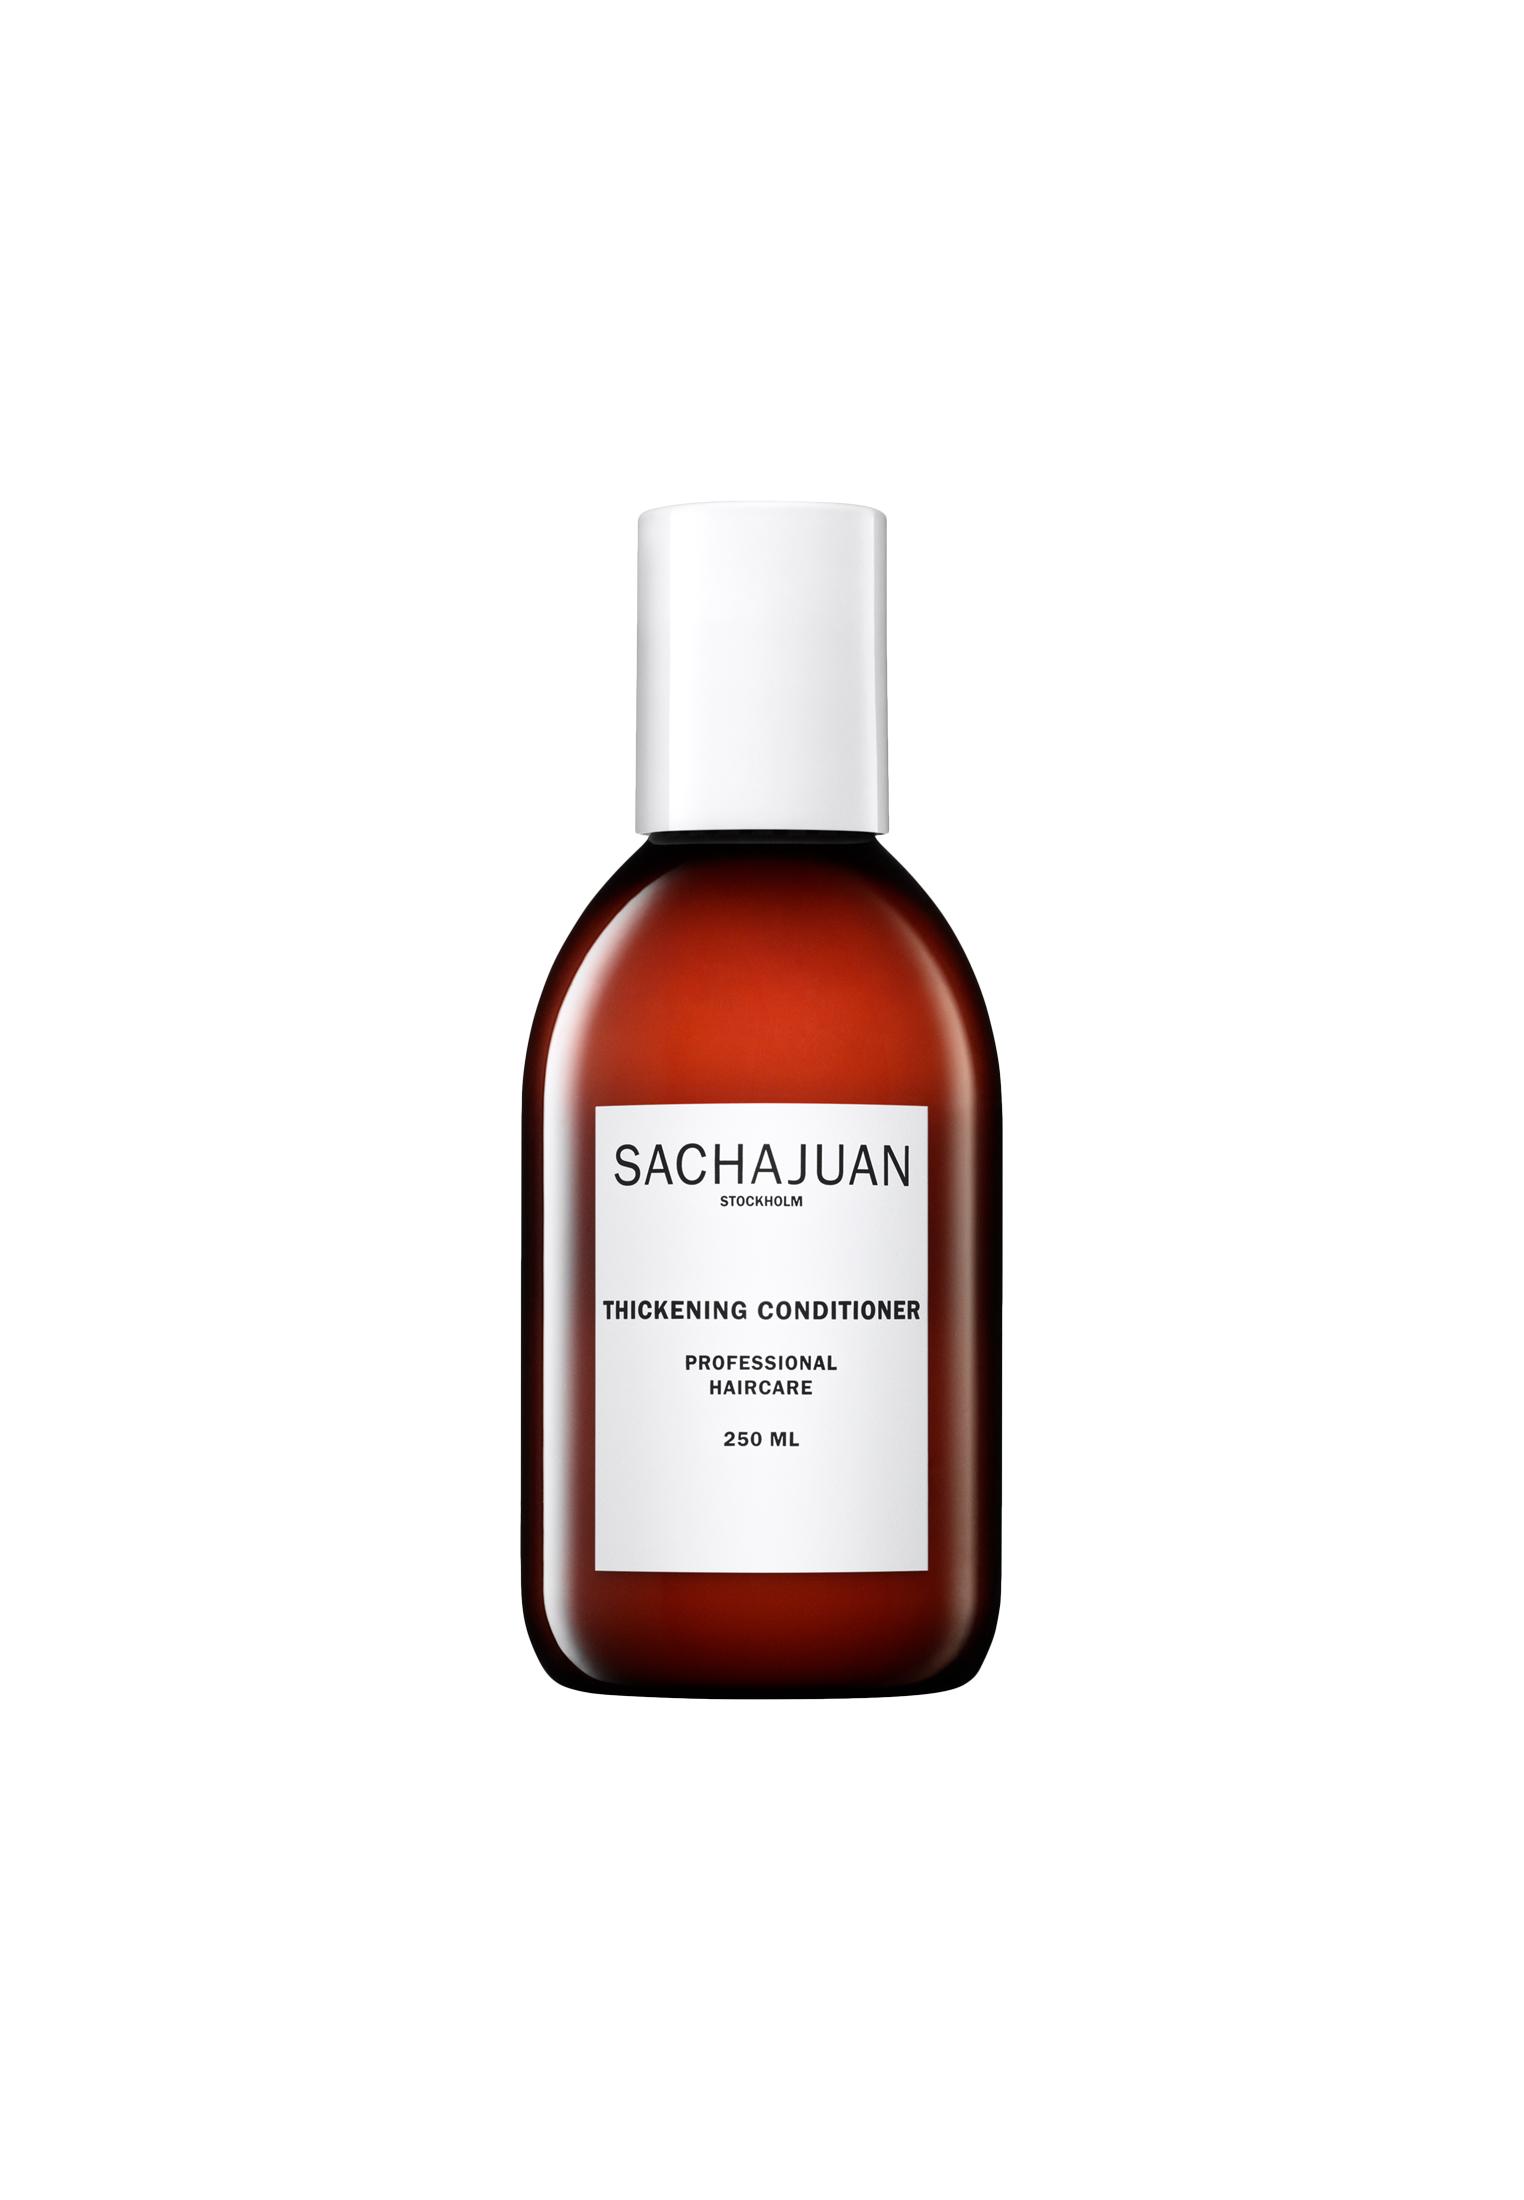 SACHAJUAN - Thickening Conditioner - 250 ml